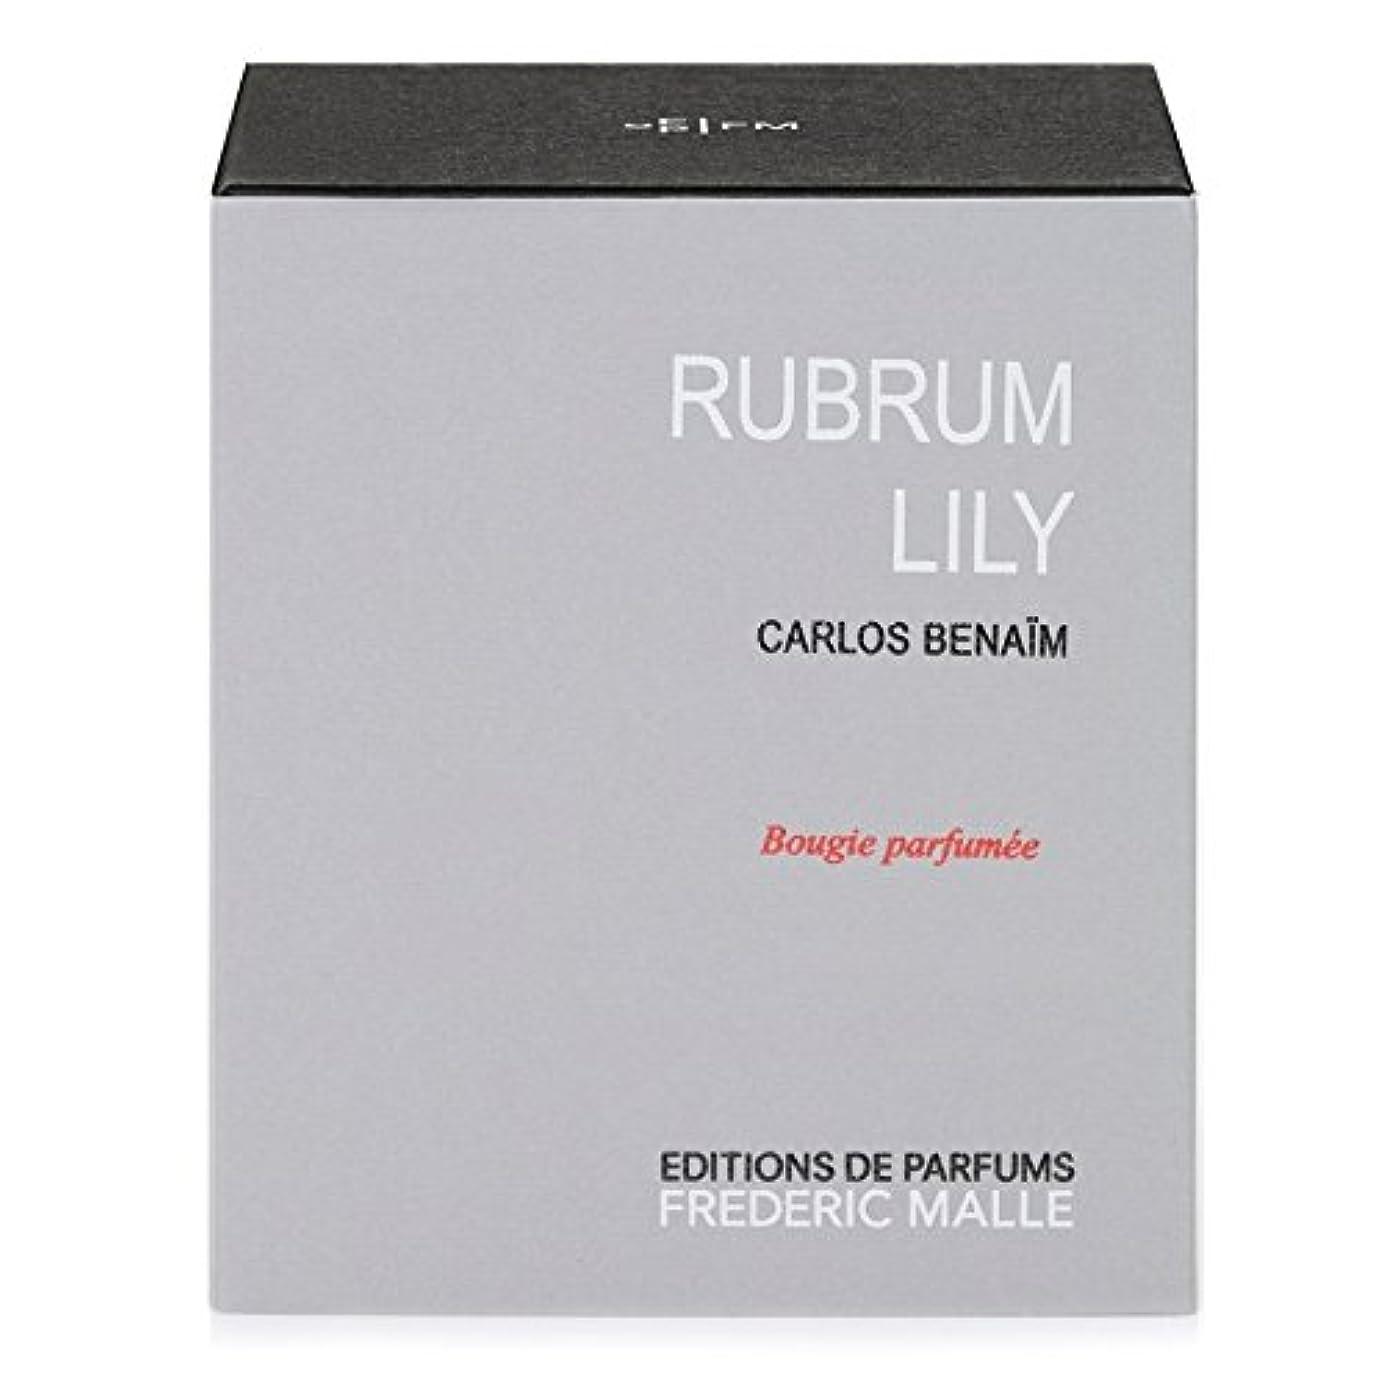 仕出します観光バレルフレデリック?マルルブルムユリの香りのキャンドル x6 - Frederic Malle Rubrum Lily Scented Candle (Pack of 6) [並行輸入品]